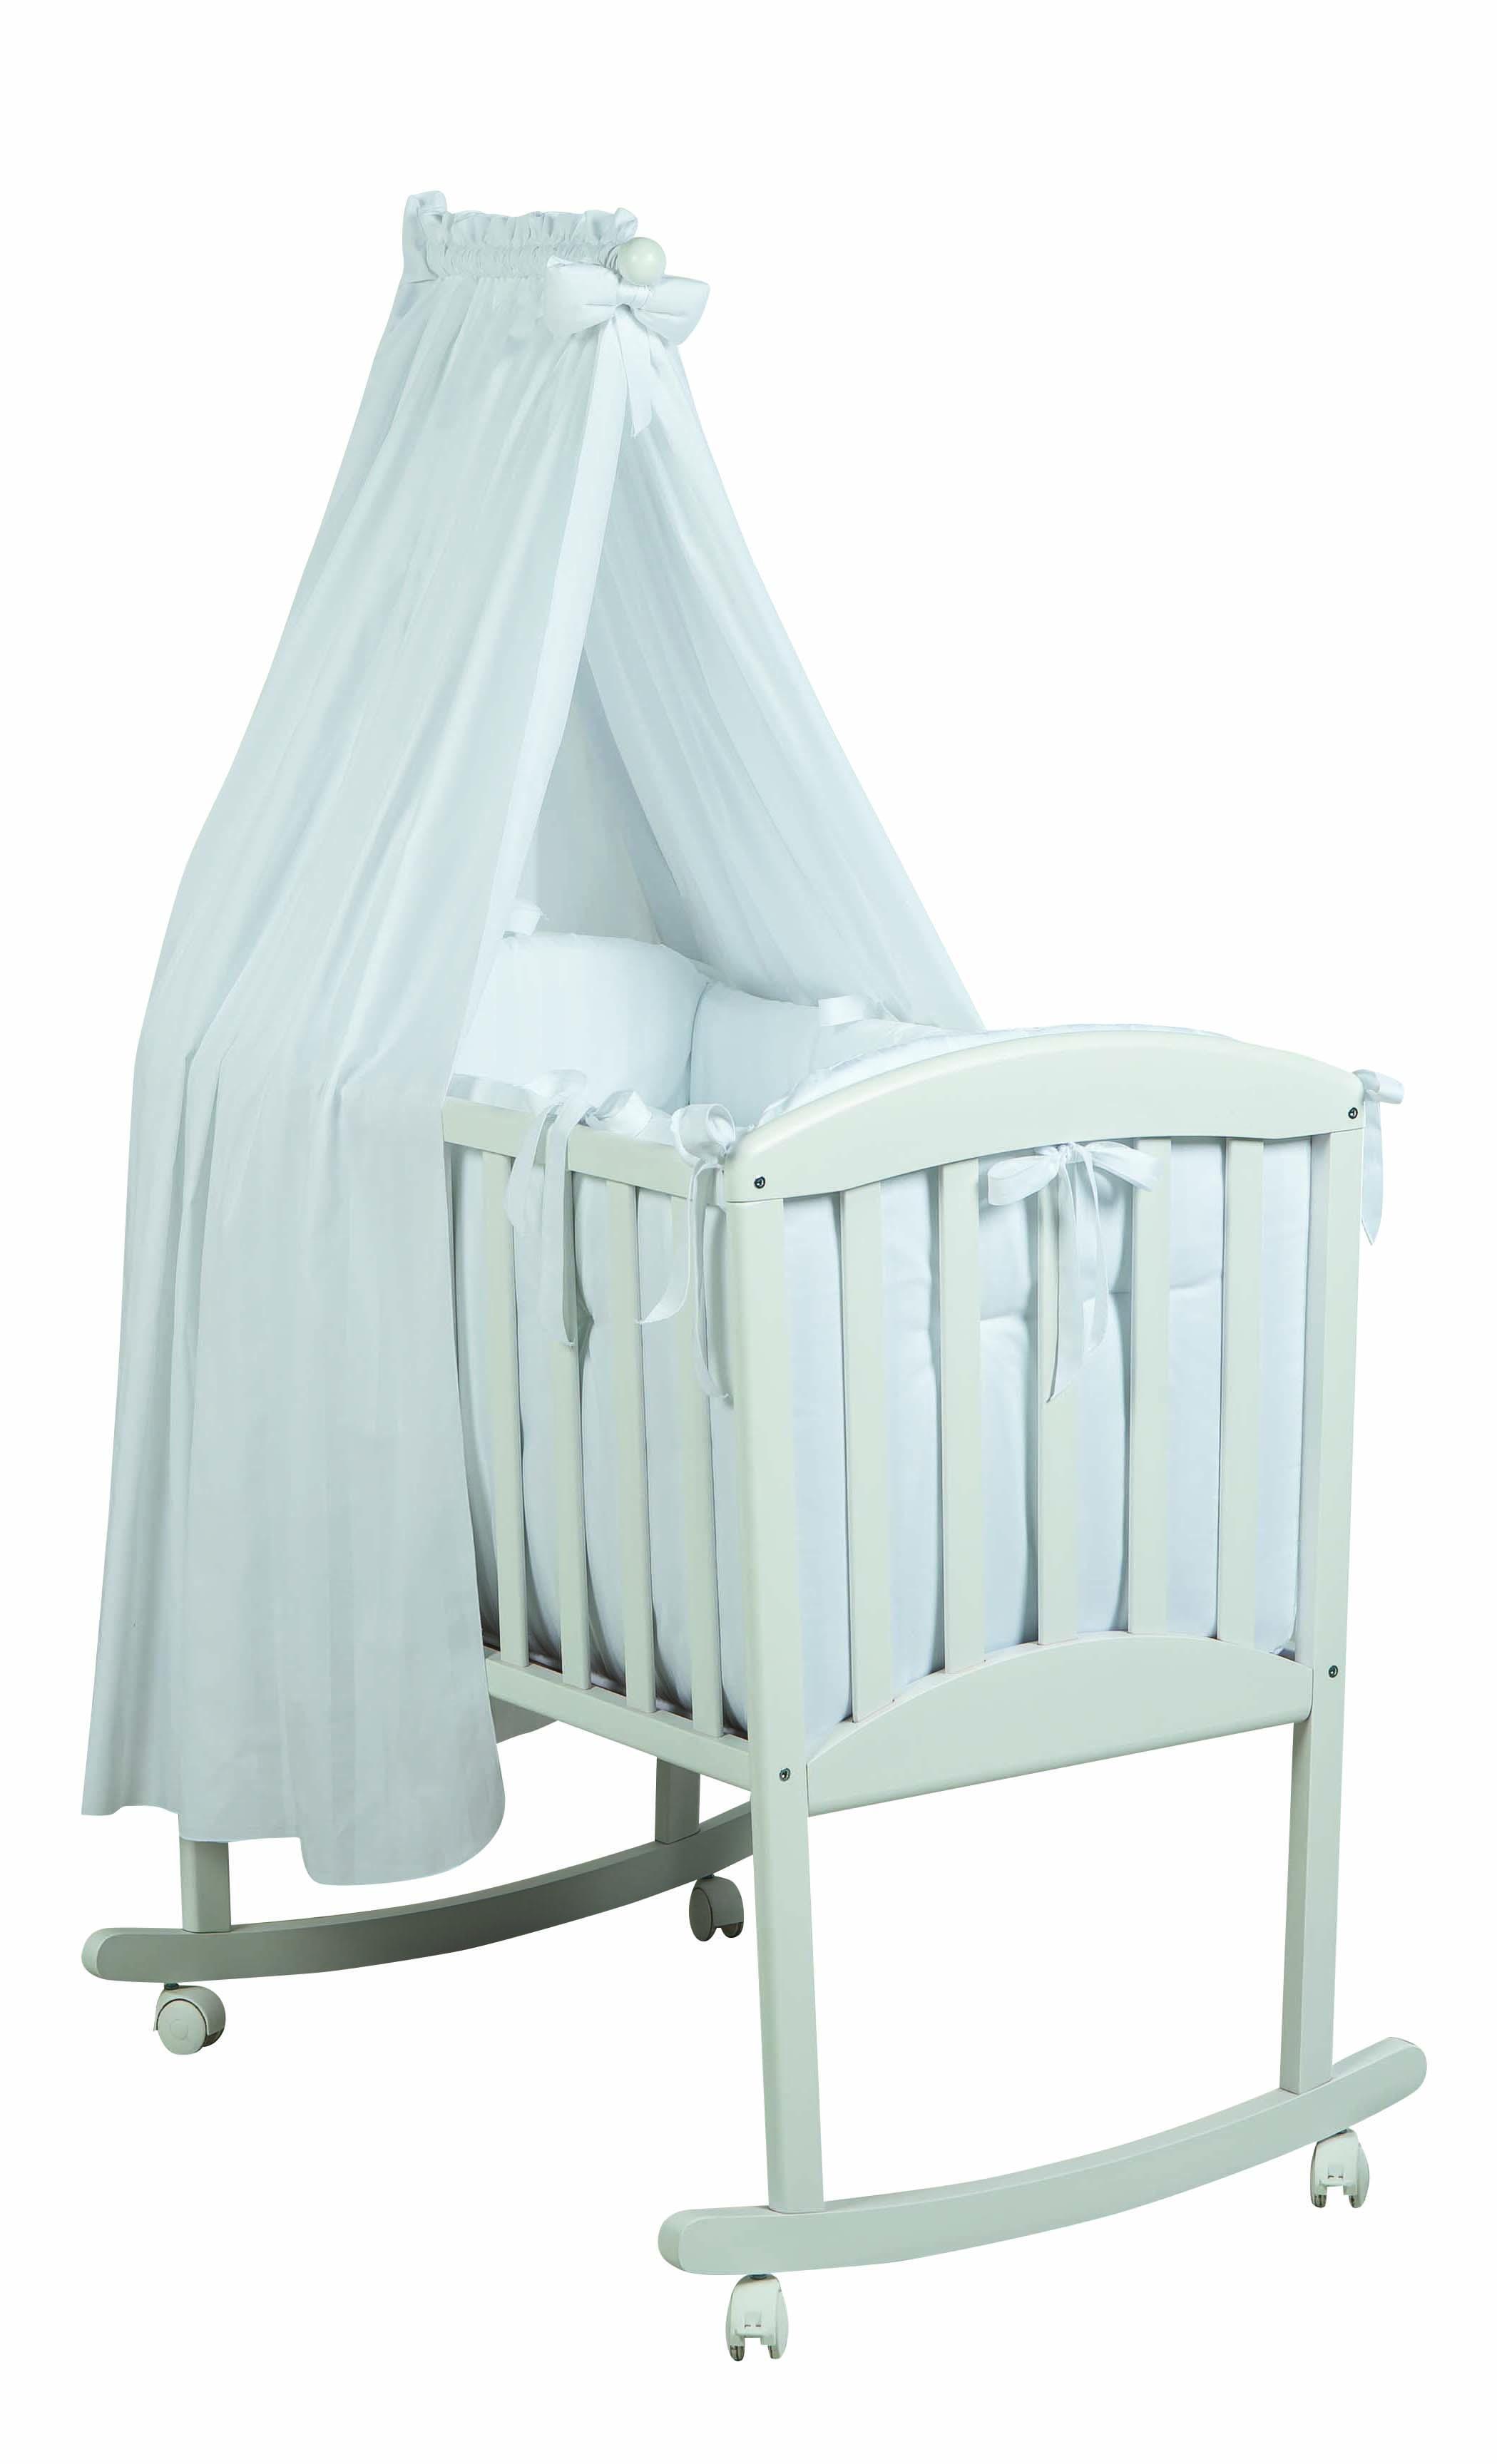 Patut mic alb complet cu textile albe